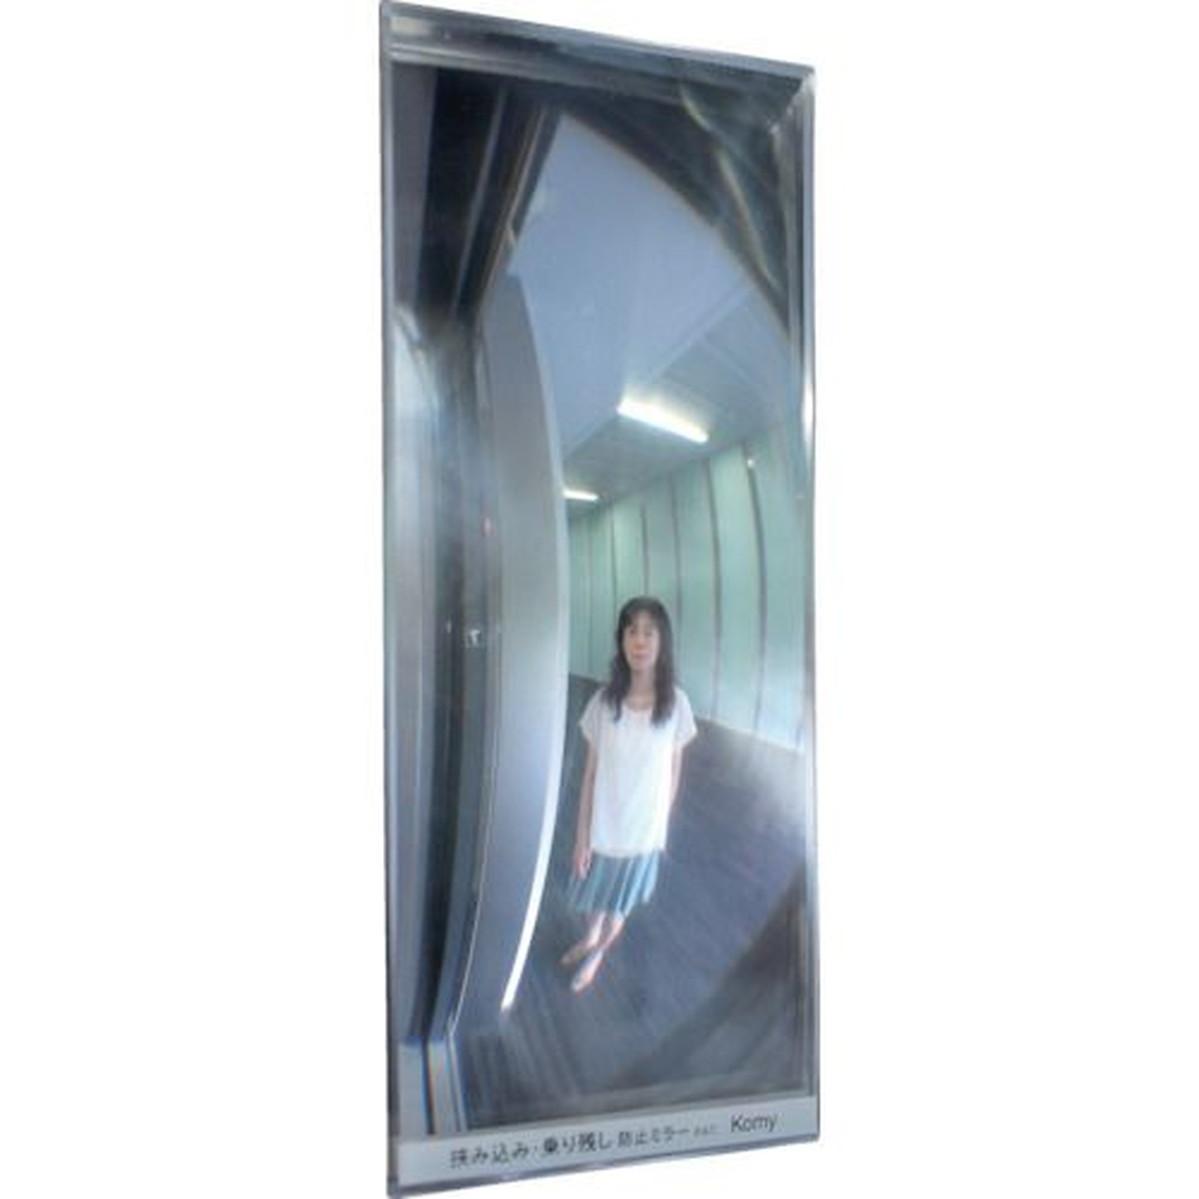 【オンライン限定商品】 1個コミー FFミラーEV75×205×2.1 1個, TREND HOUSE:04af2c09 --- independentescortsdelhi.in